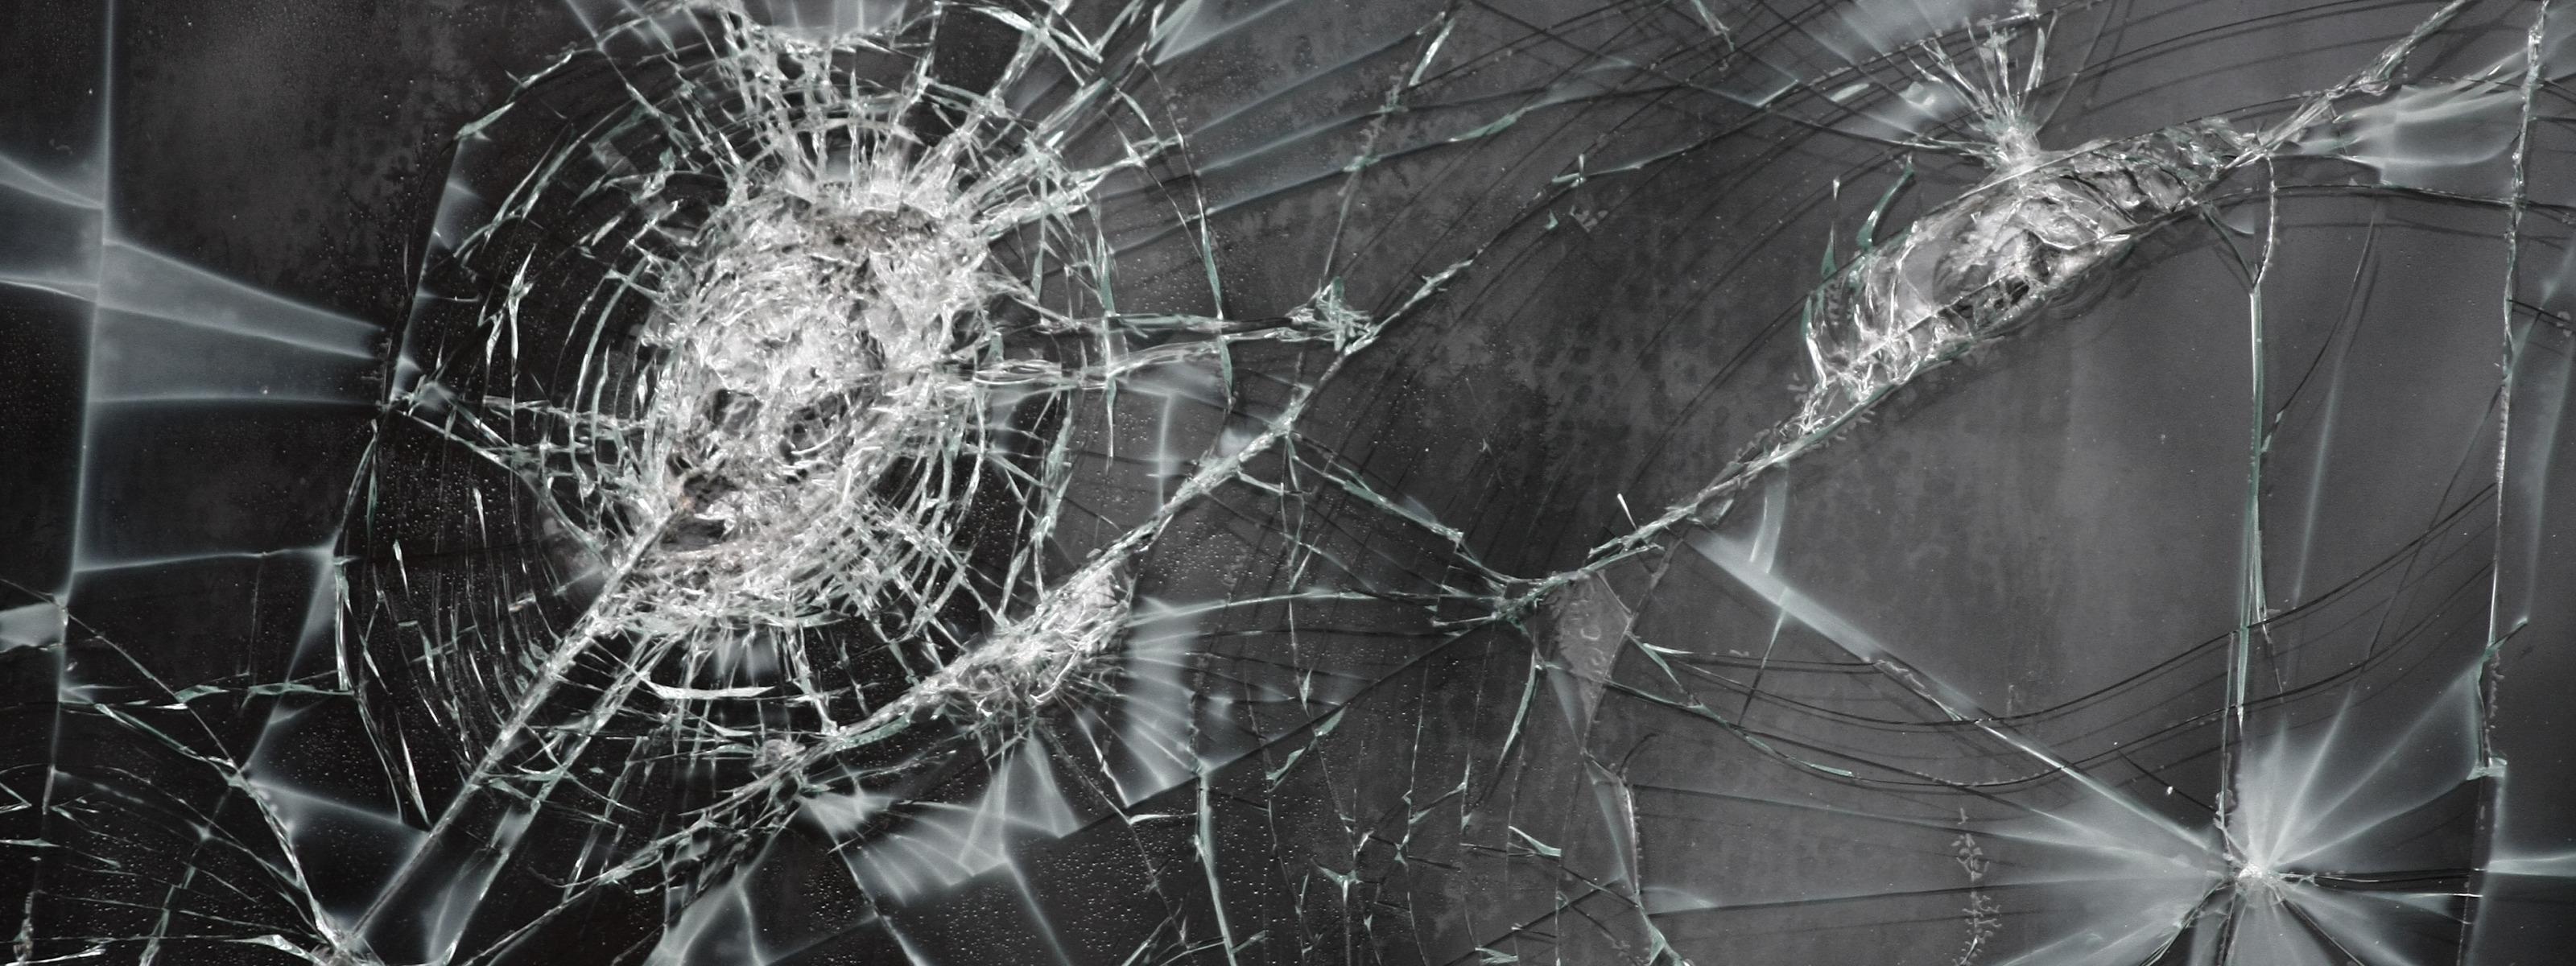 что на экране ноутбука картинка разбитого стекла стиль